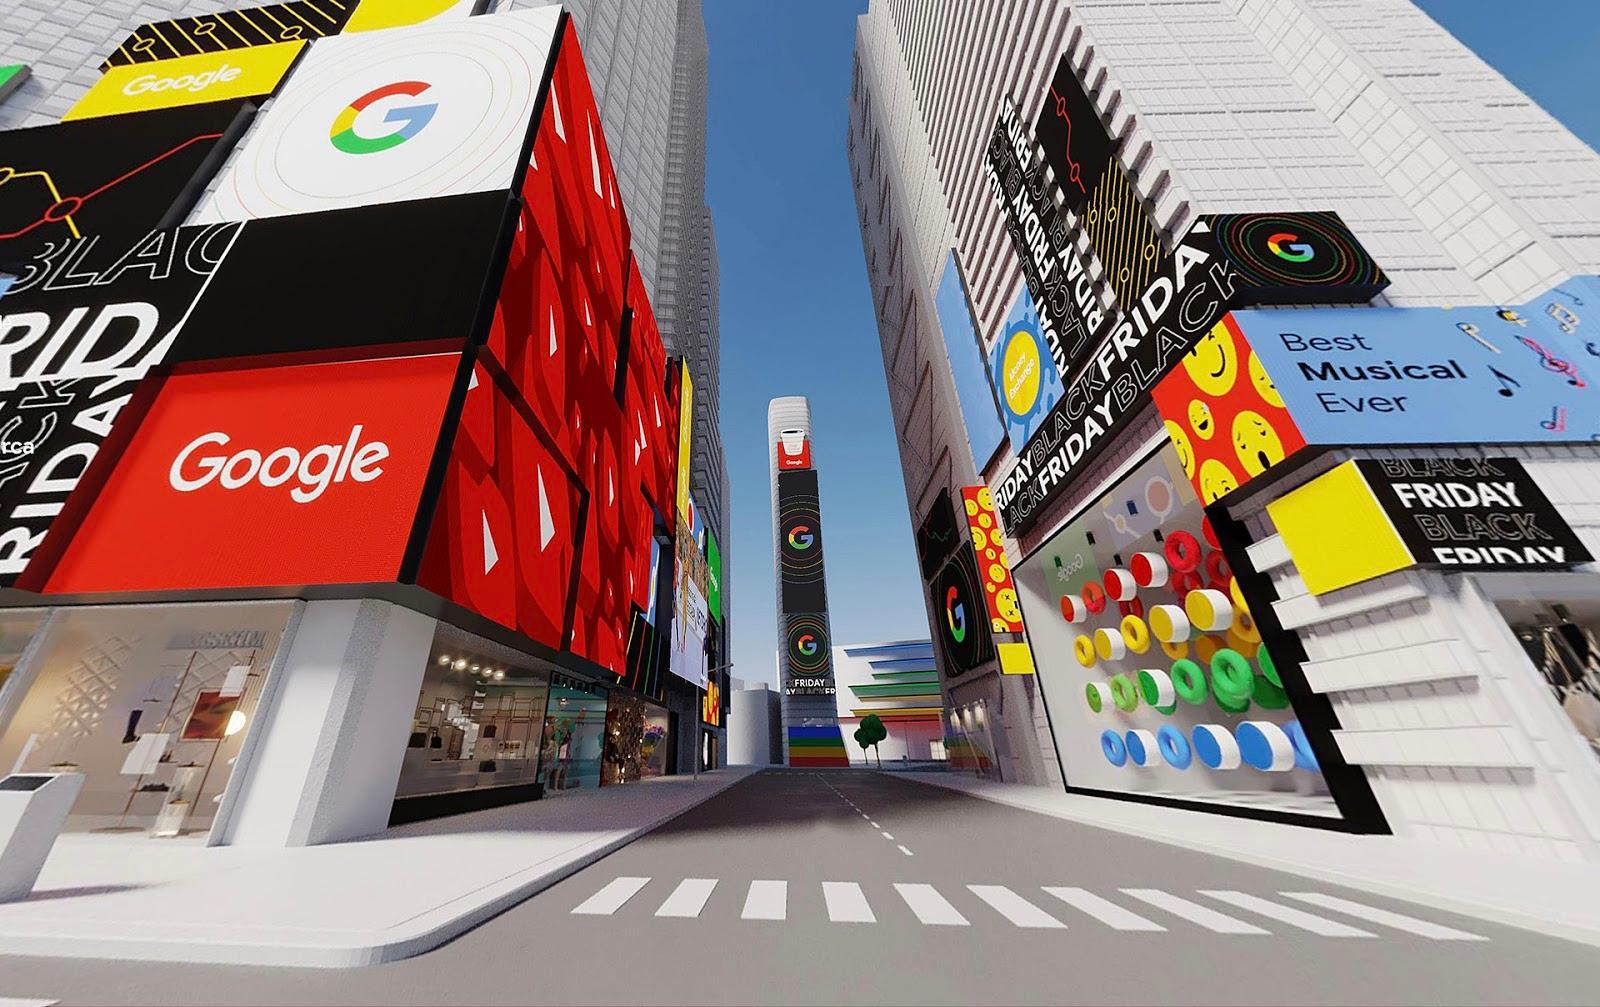 Esse novo atrativo do Google chega para  <p><span>ajudar empresas</span> </p> a tirarem o máximo proveito dessa data